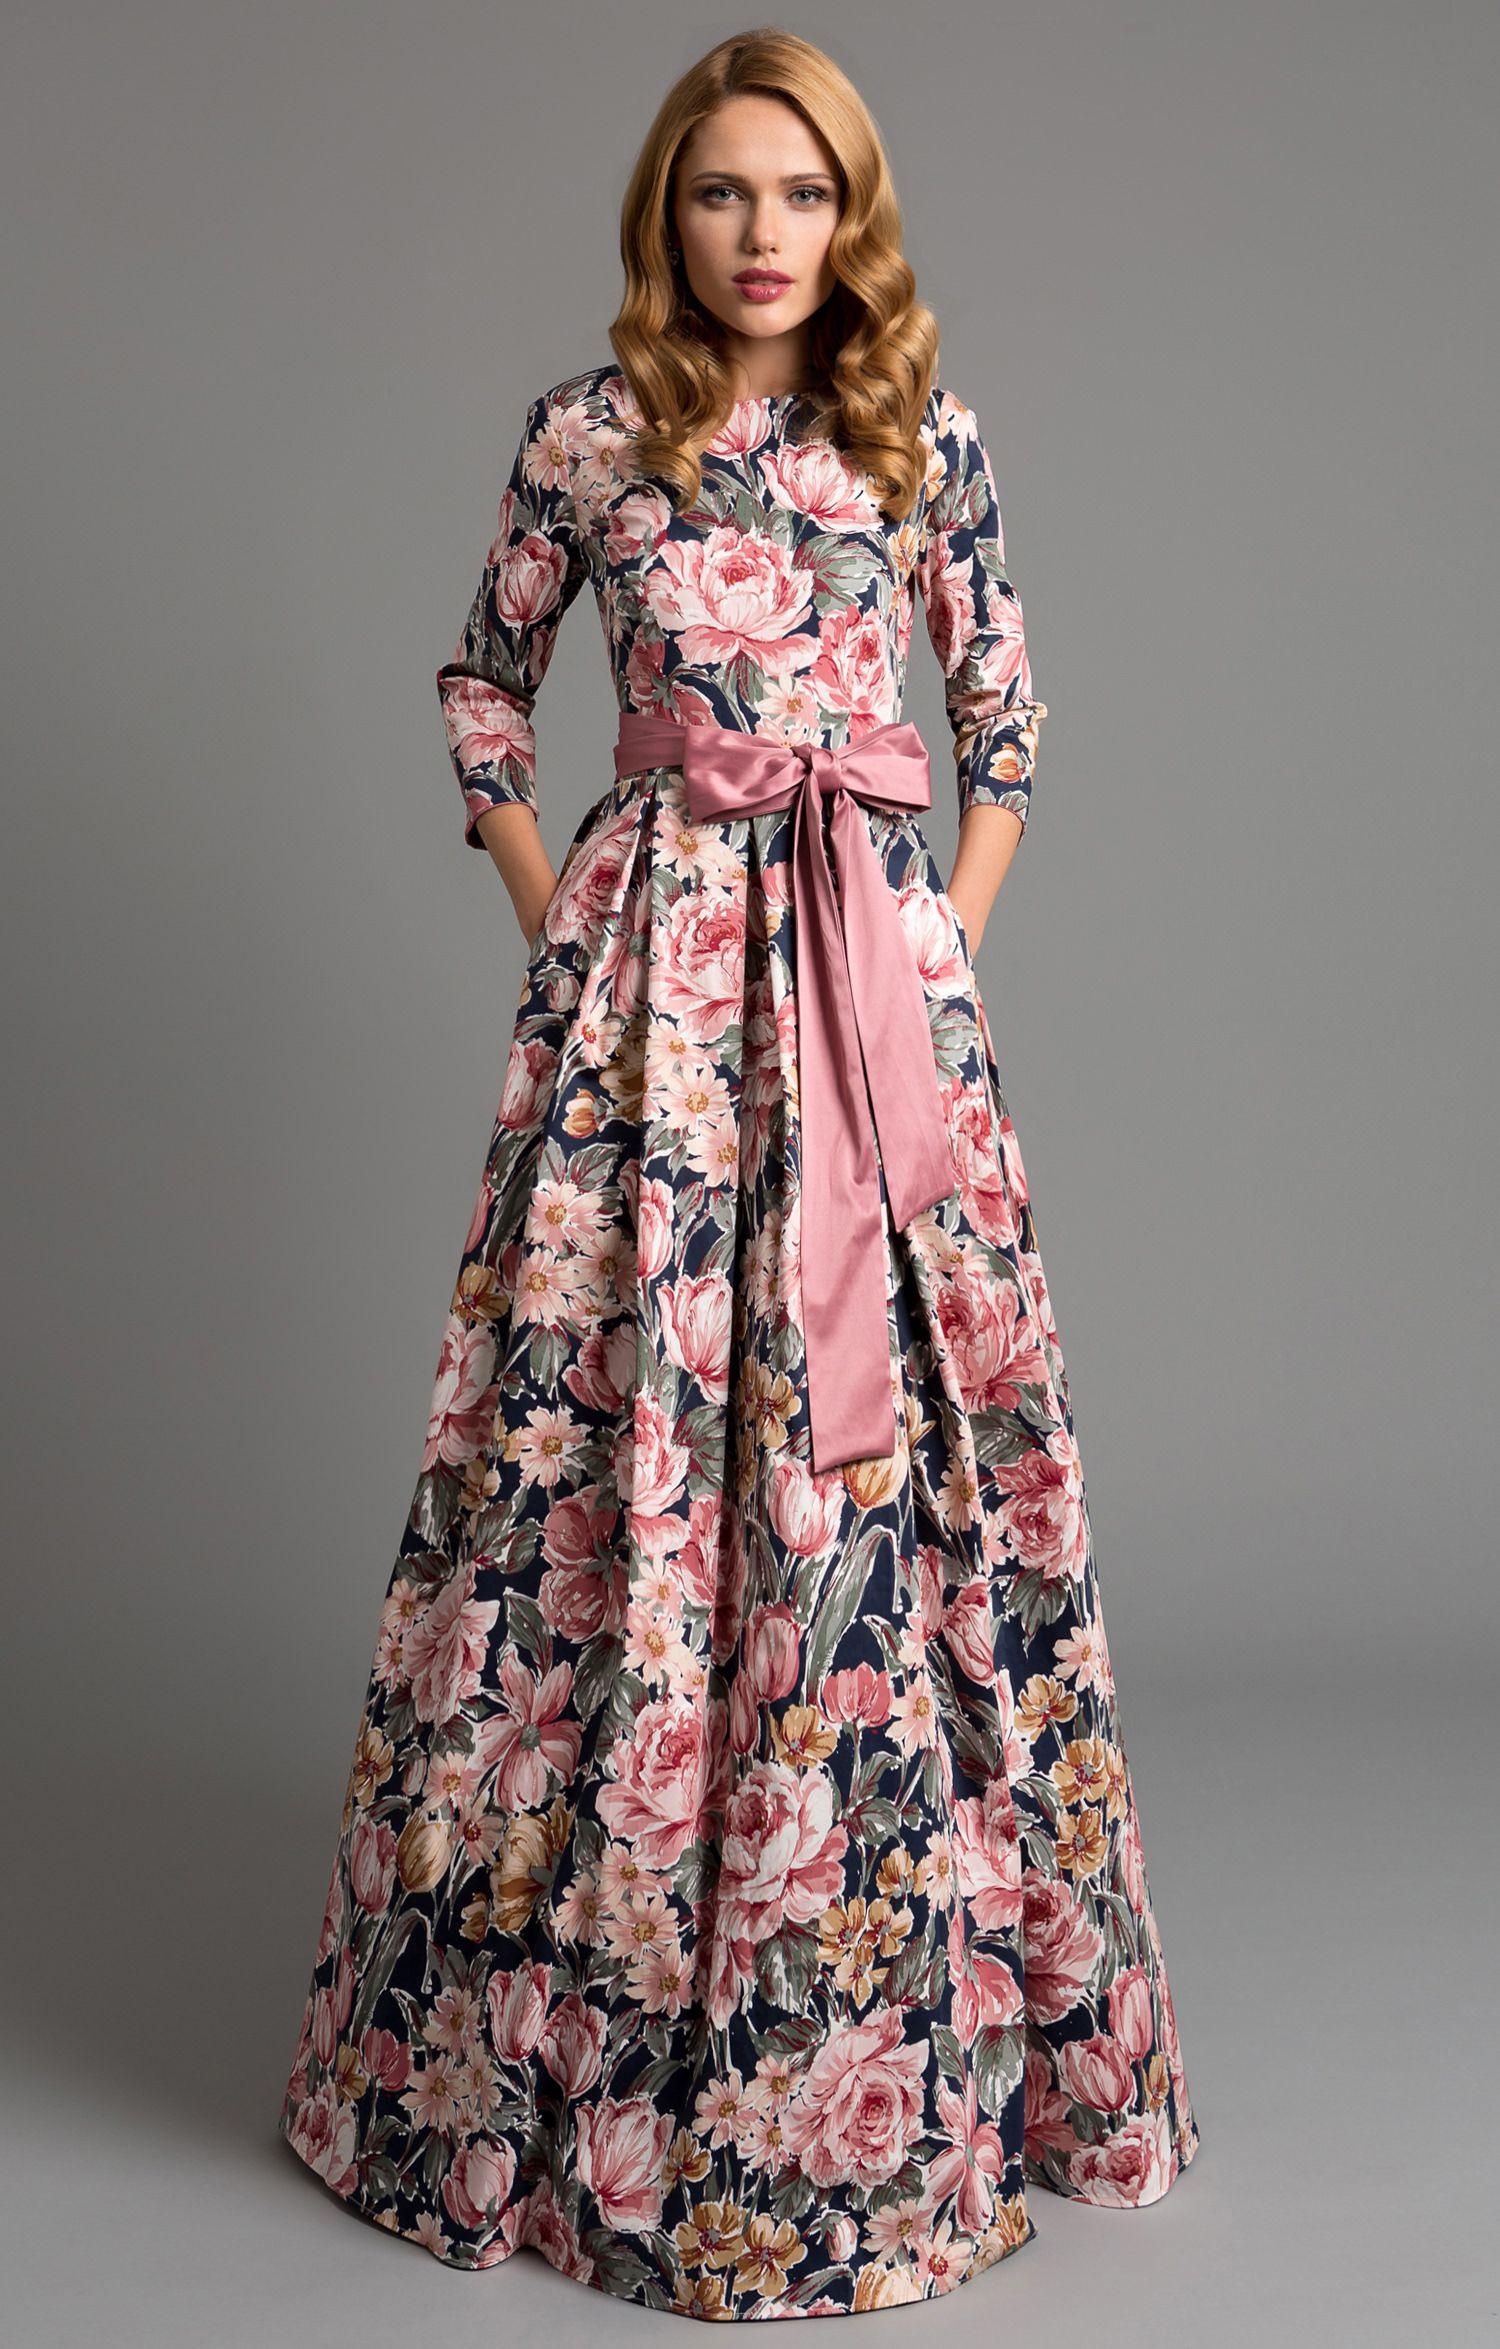 Fantastisch Abendkleider Maxi DesignDesigner Erstaunlich Abendkleider Maxi für 2019